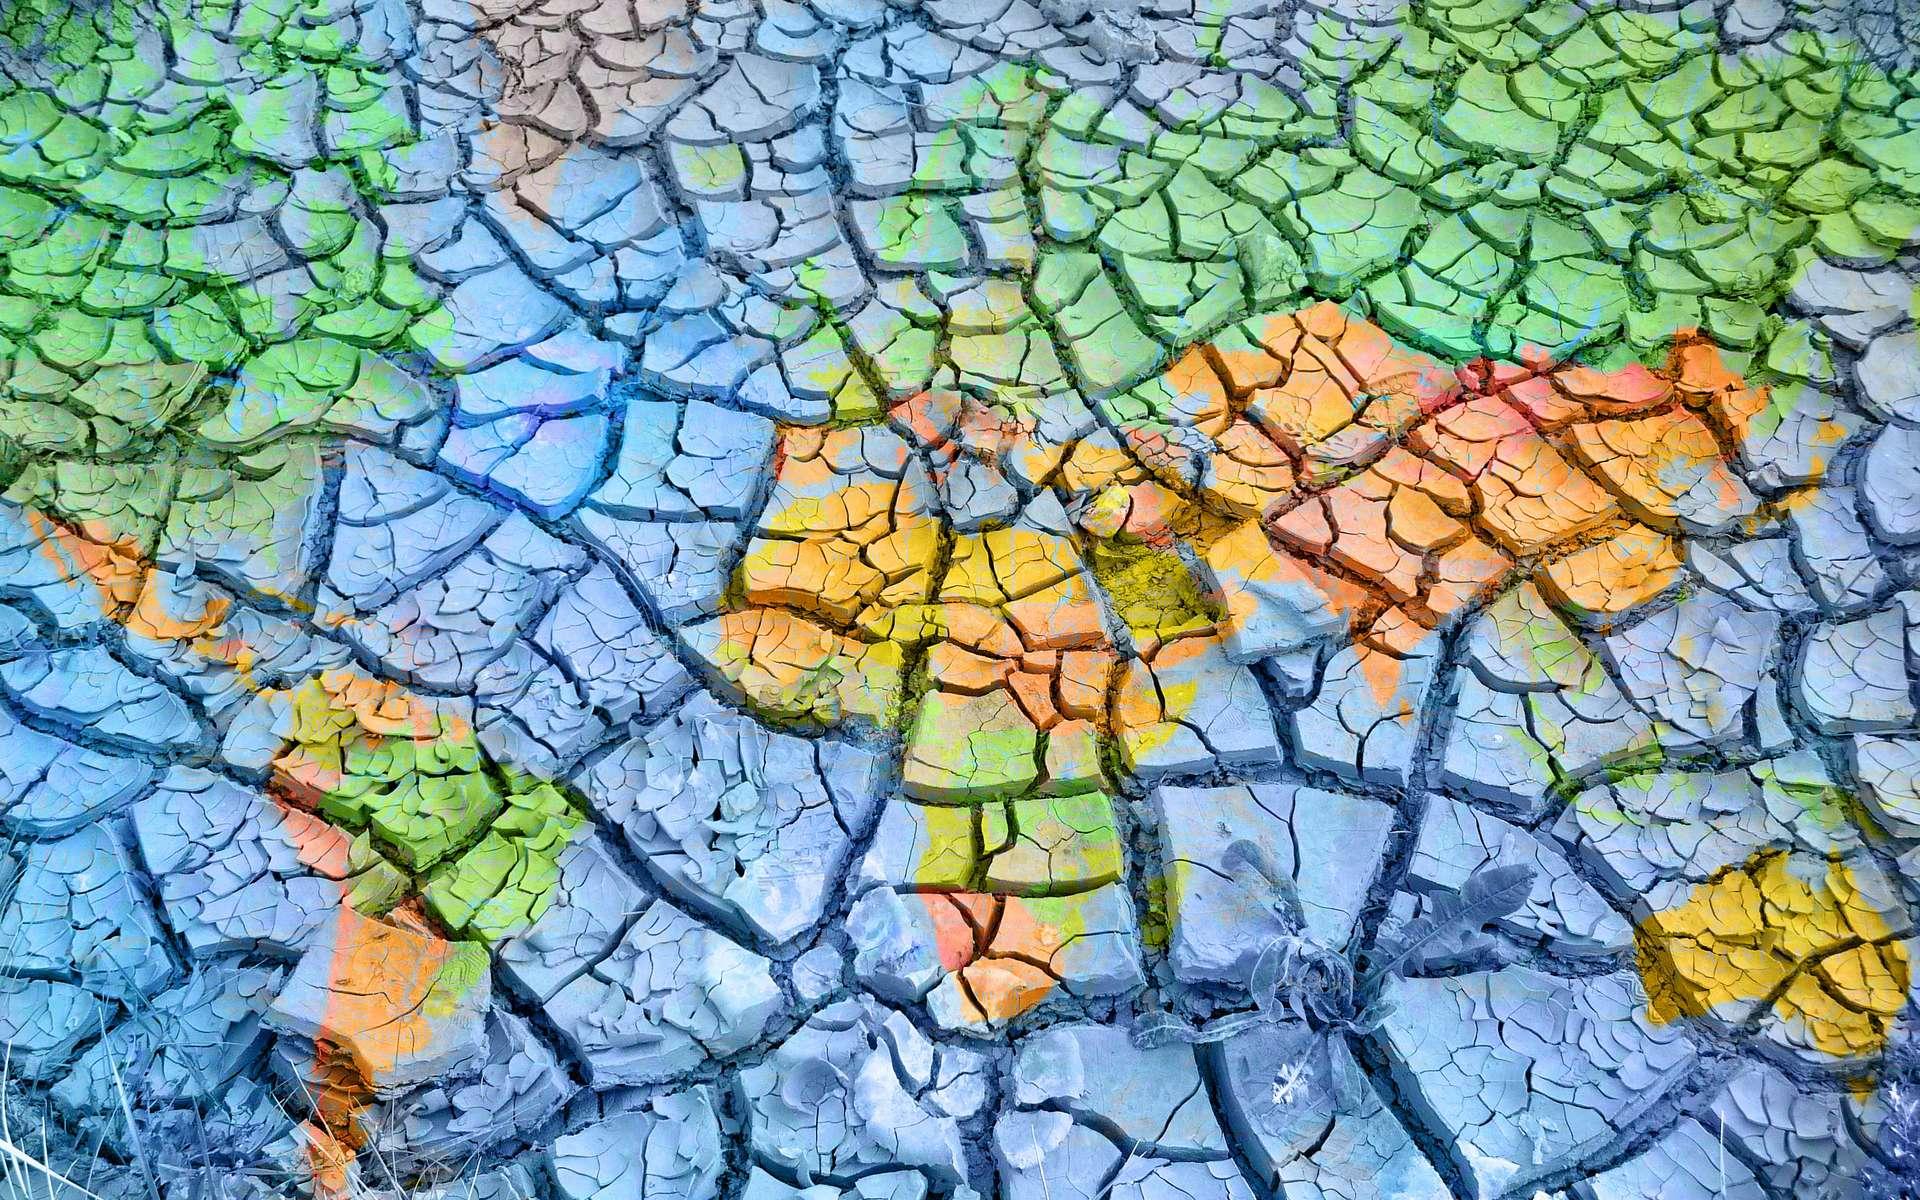 Il est urgent d'agir contre la crise climatique pour préserver notre santé. © Frederic Bos, Adobe Stock